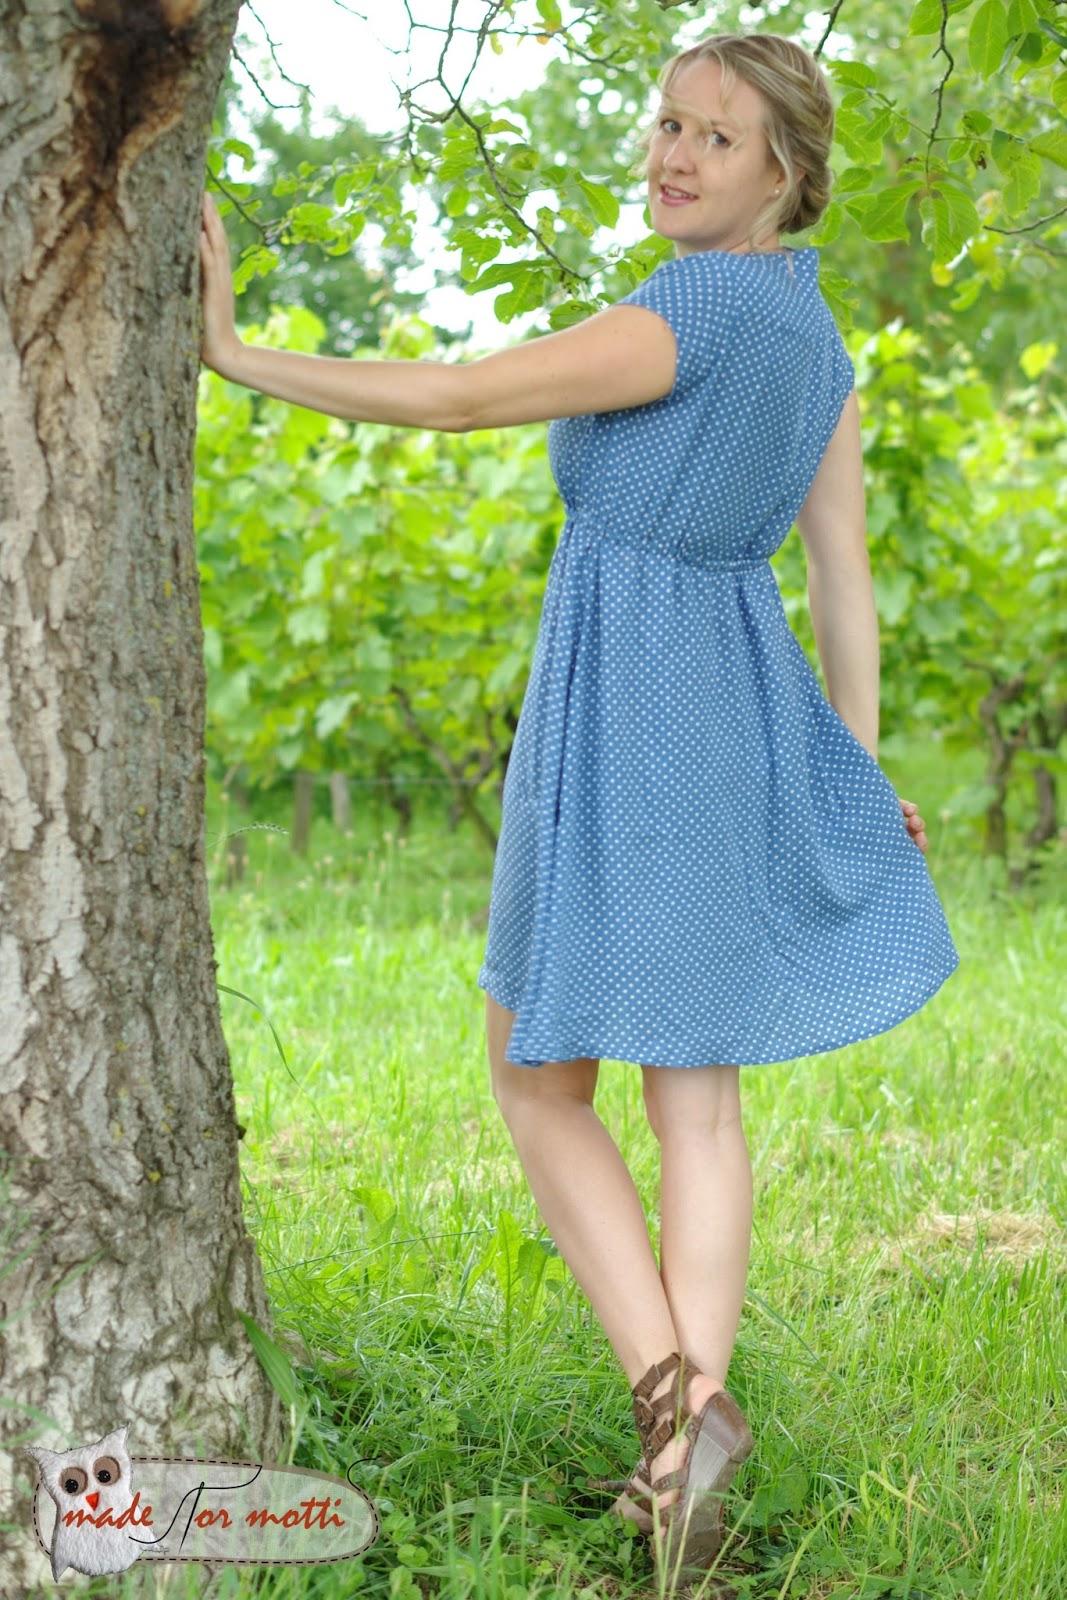 Abspritzen auf meinem Kleid